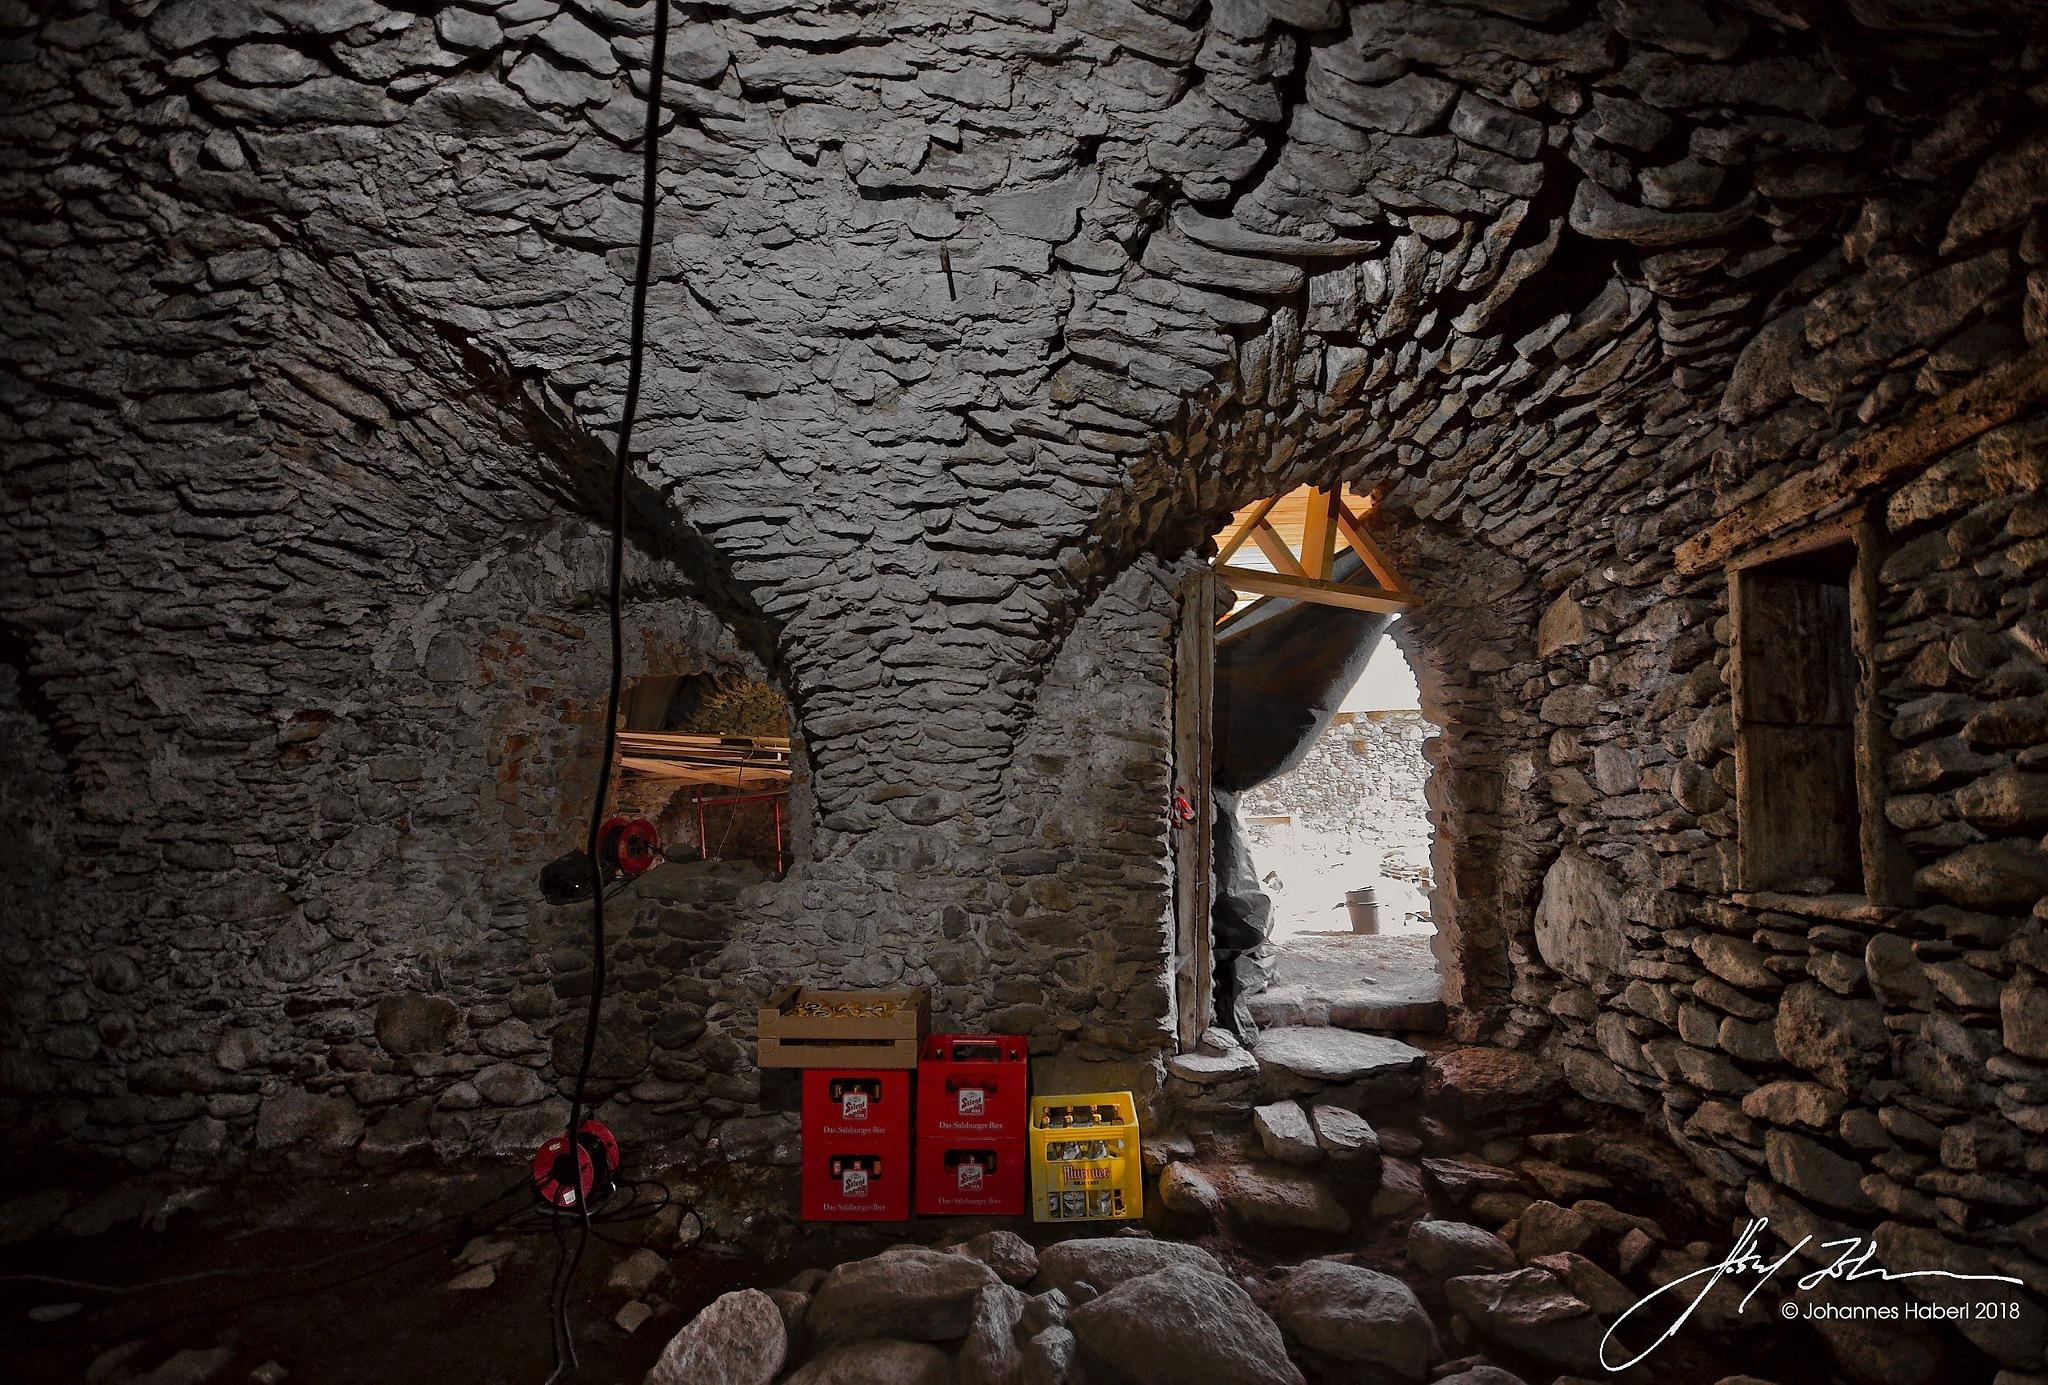 castle Hanfelden, Unterzeiring 18, cellar II / B&W + color by Johannes Haberl